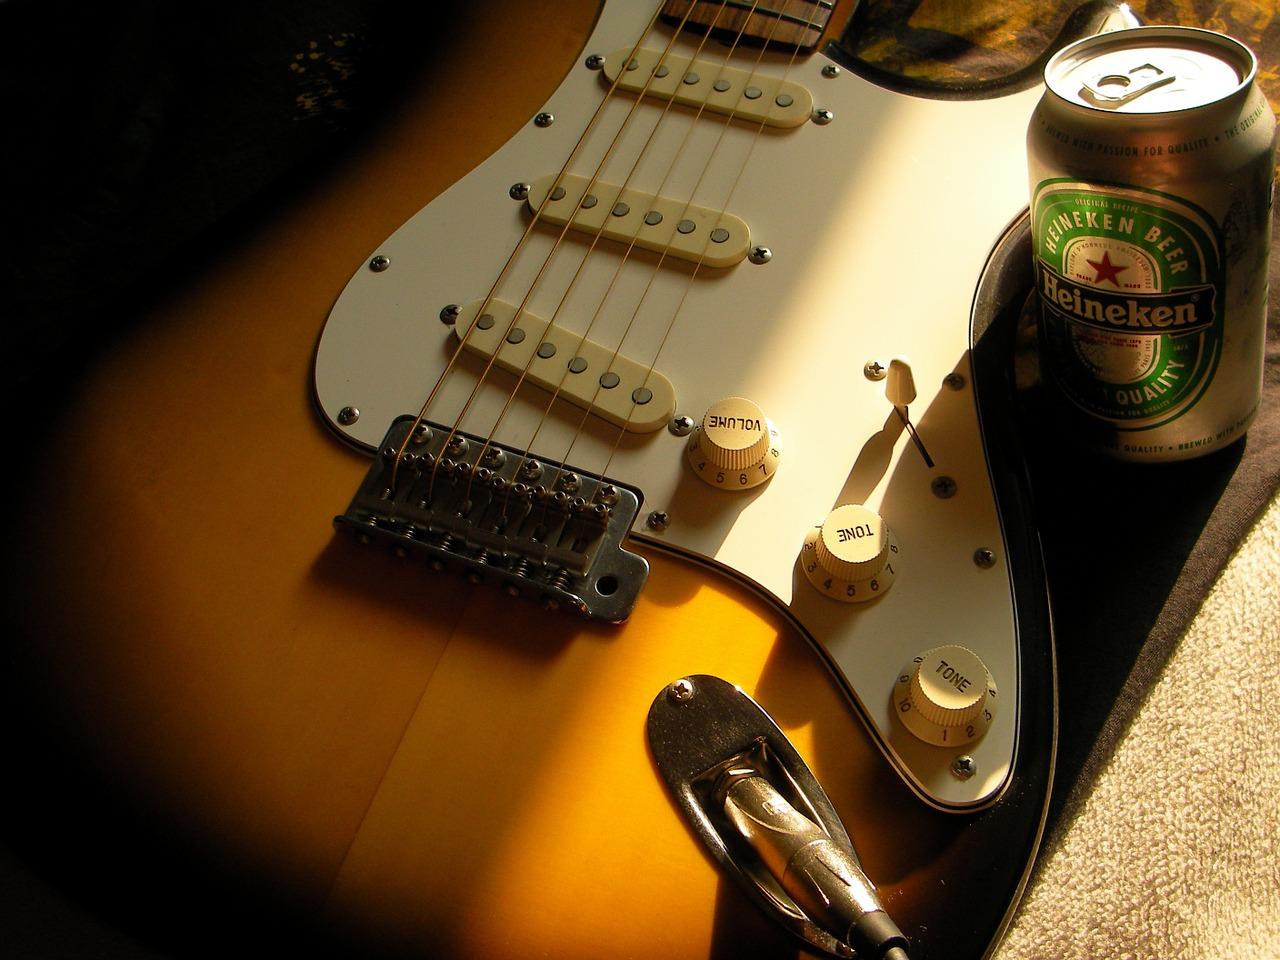 Guitar Stratocaster Beer Heineken  - kpr2 / Pixabay